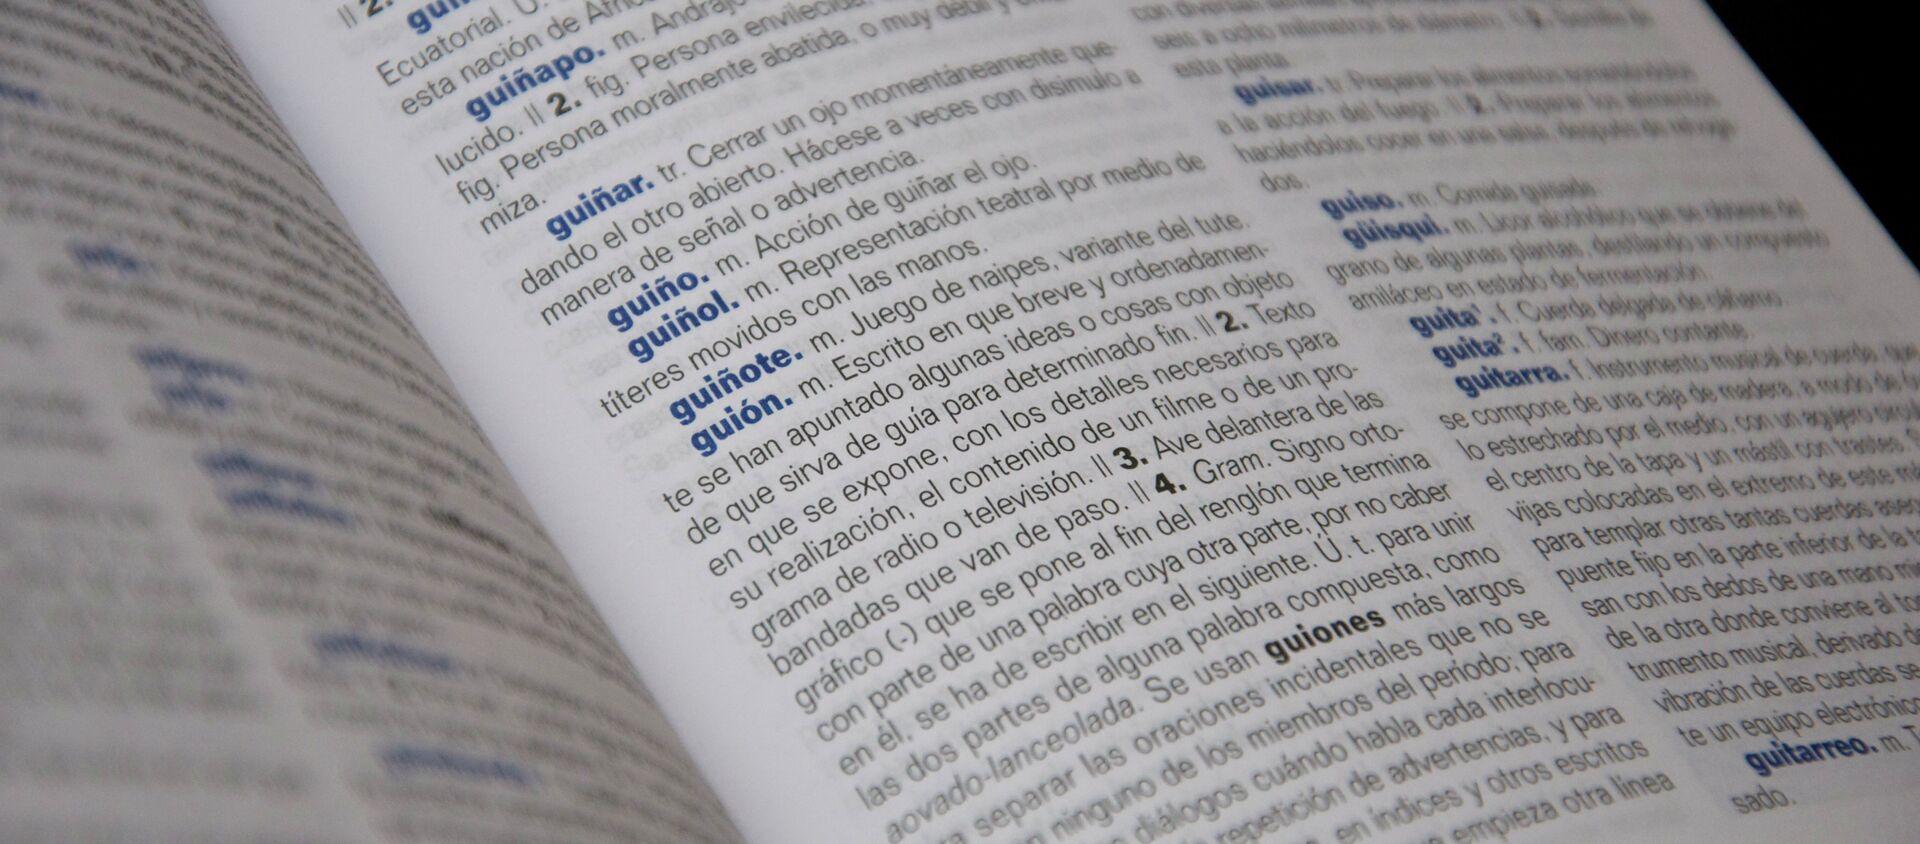 Diccionario de la lengua española - Sputnik Mundo, 1920, 22.04.2015